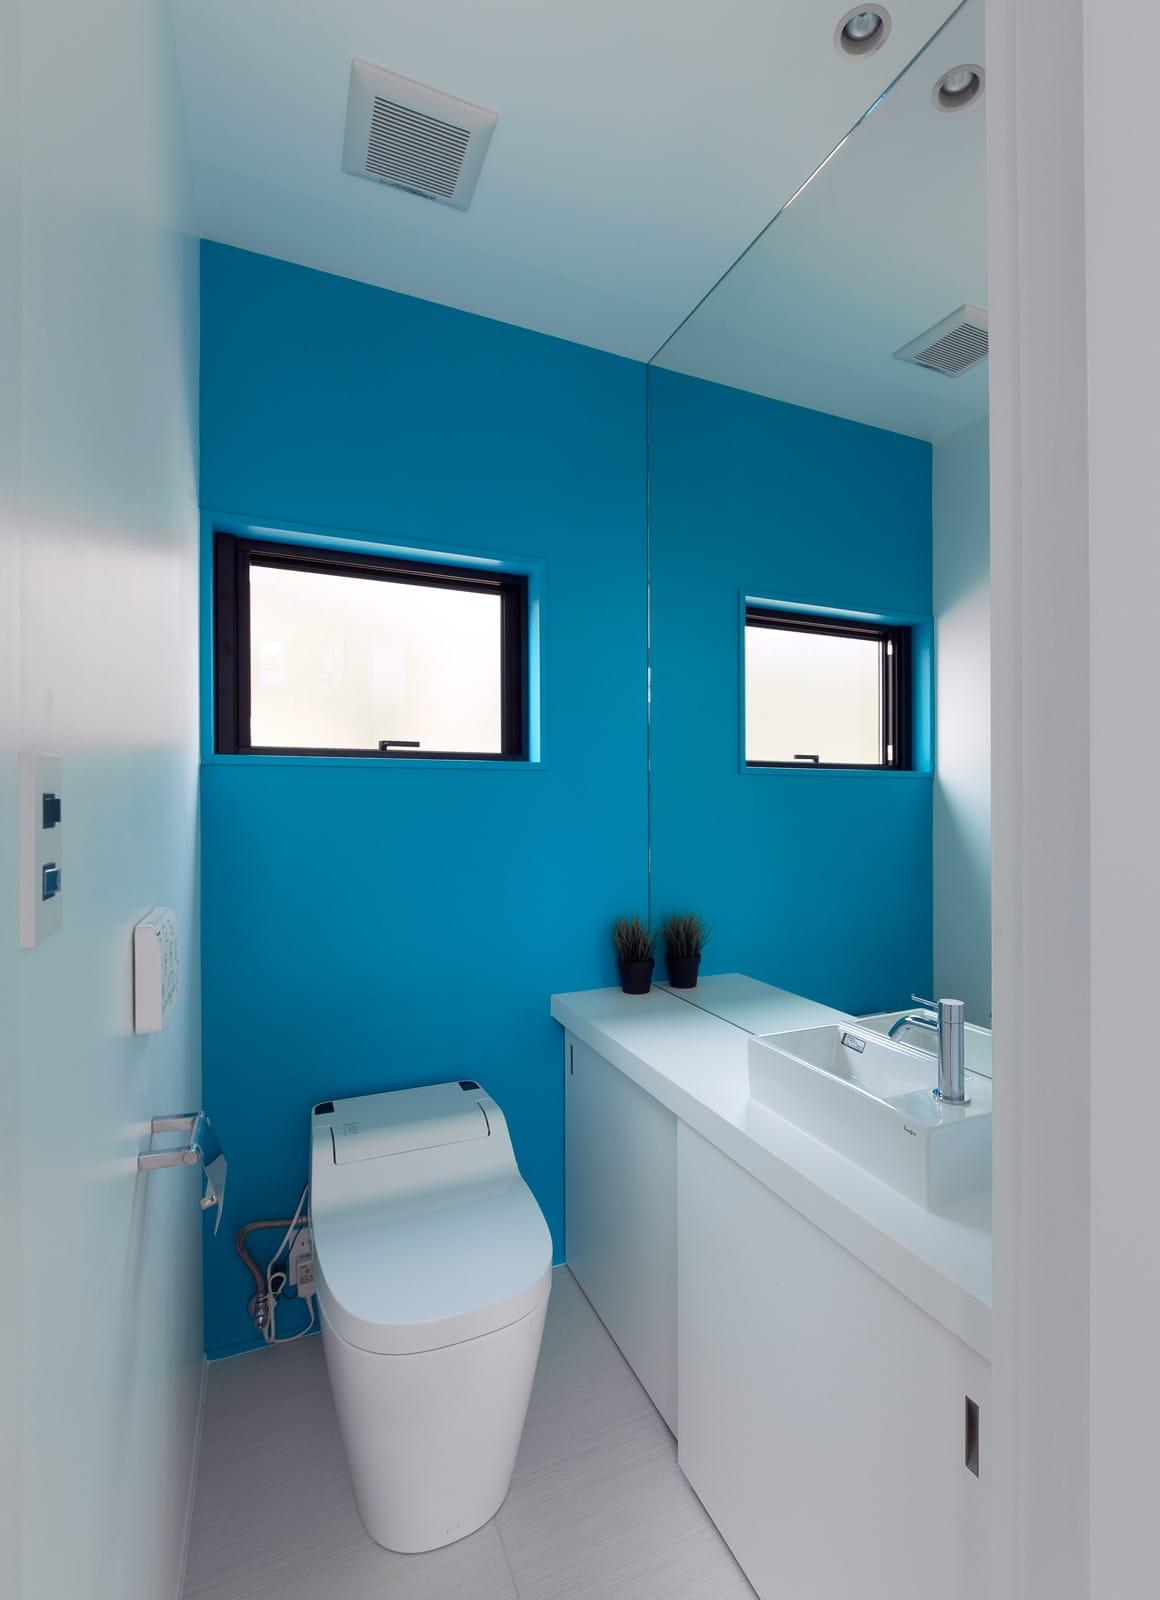 エクスチェンジハウスのトイレ1